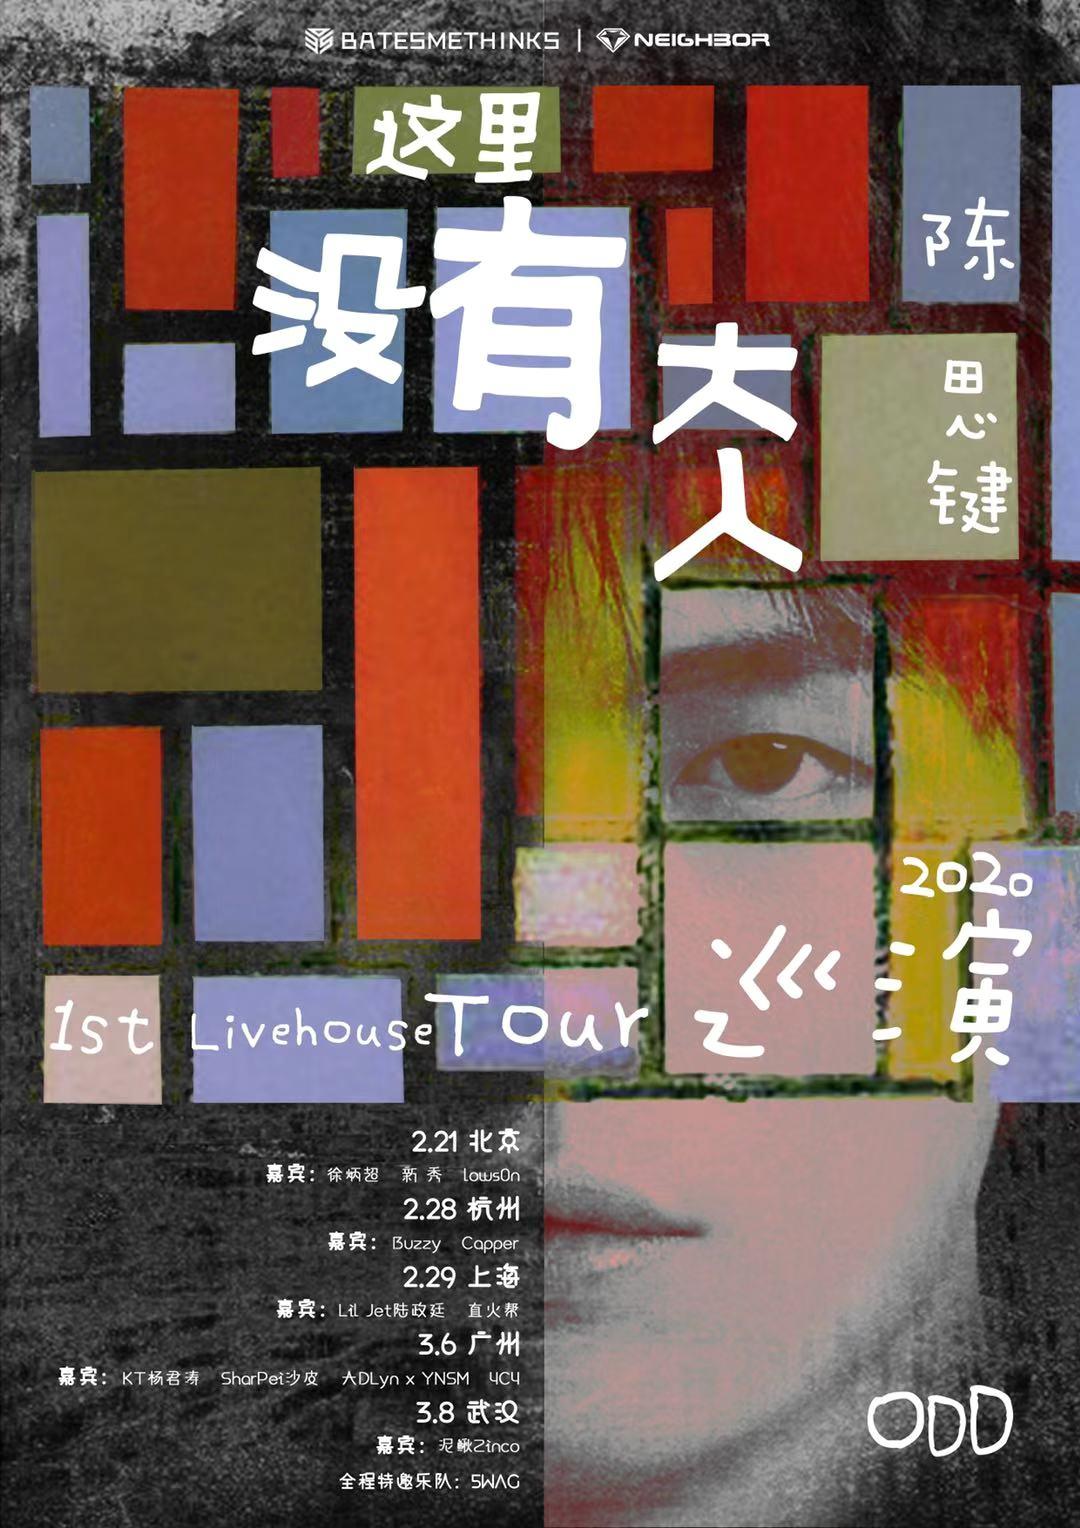 陈思键Livehouse巡演五站城市迎接音乐惊喜